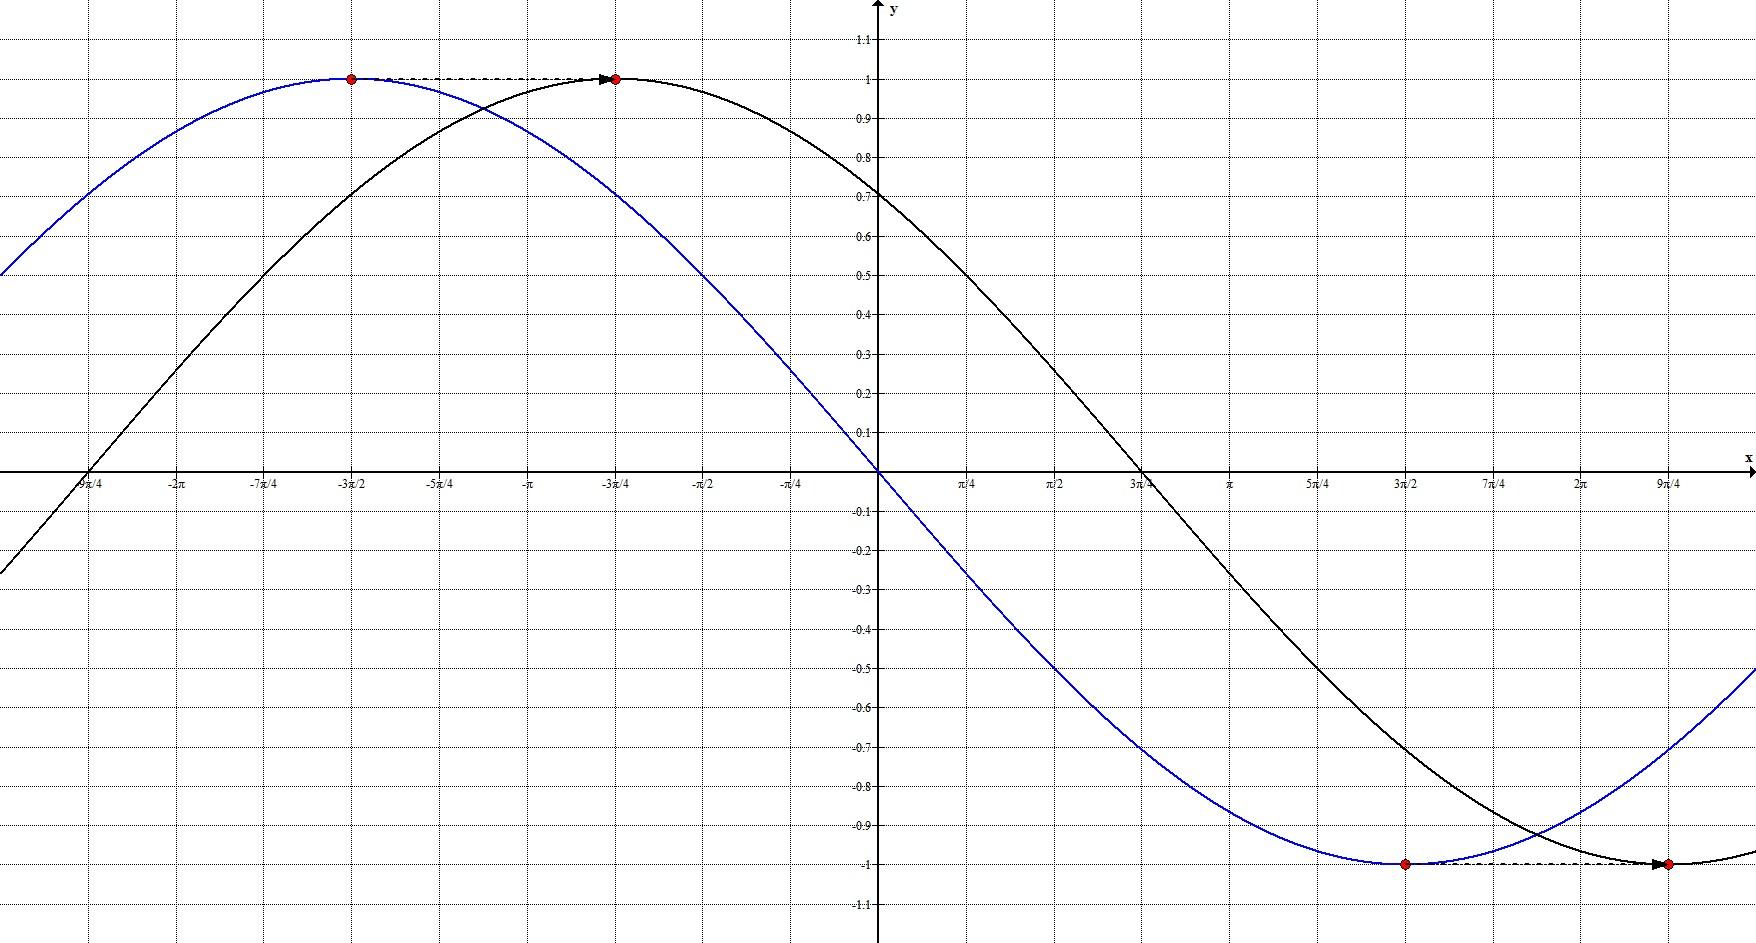 Геометрические преобразования. Общий случай. График 3.